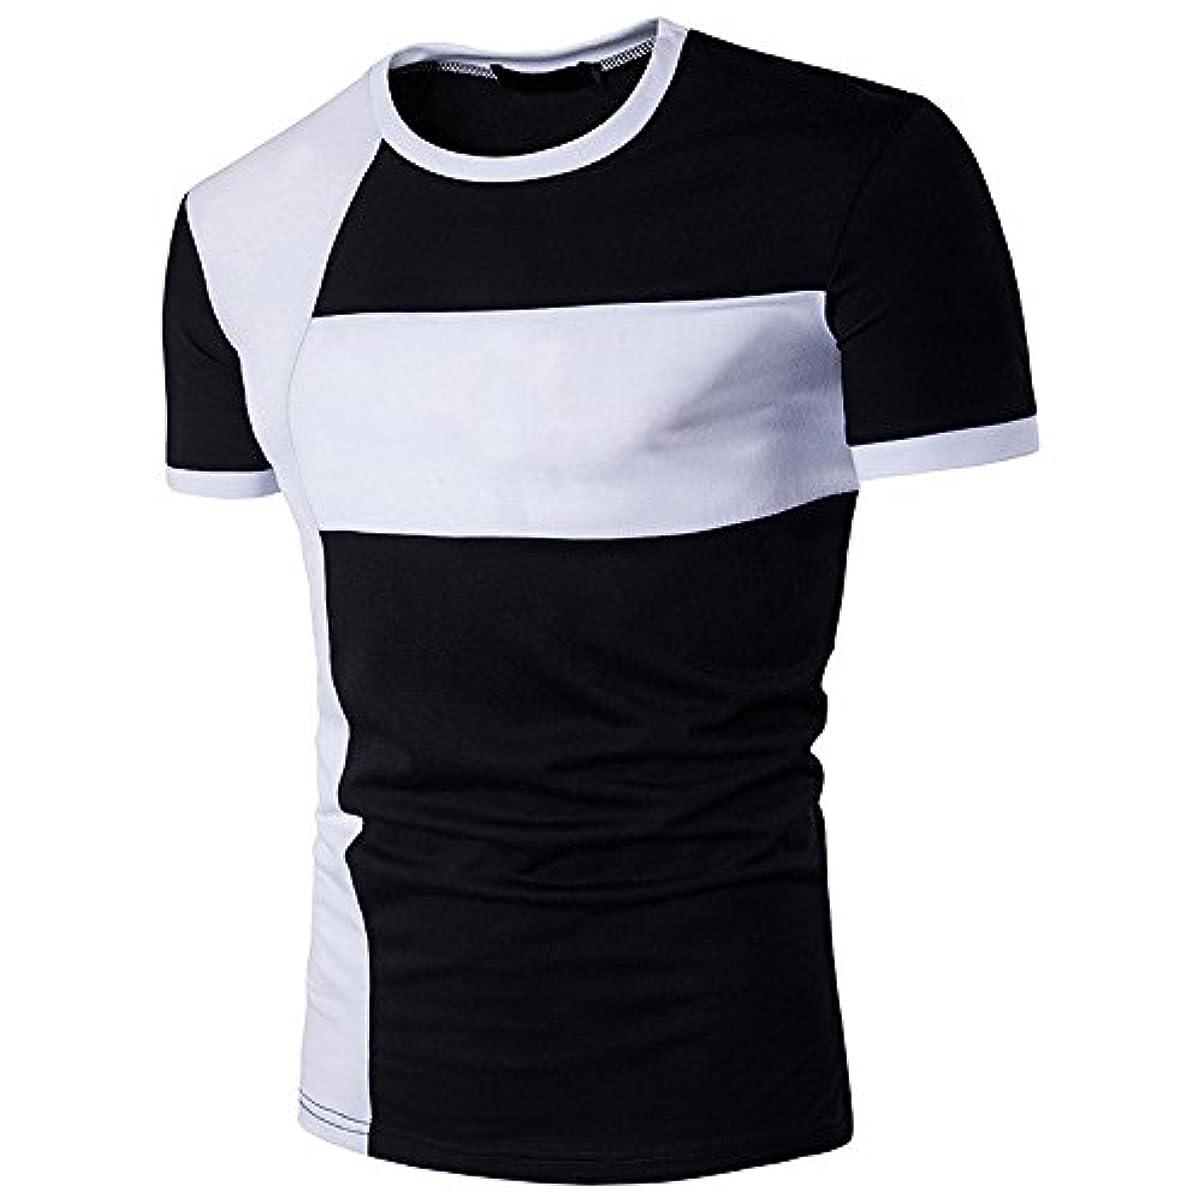 試してみるレールはっきりしないPlojuxi Tシャツ メンズ 半袖 オシャレ おおきいサイズ 無地 切り替え 赤 黒 白 tシャツ おもしろ おしゃれ クルーネック 柔らかい ファッション 丸首 春 夏 個性 カジュアル スポーツ シンプル 速乾 快適